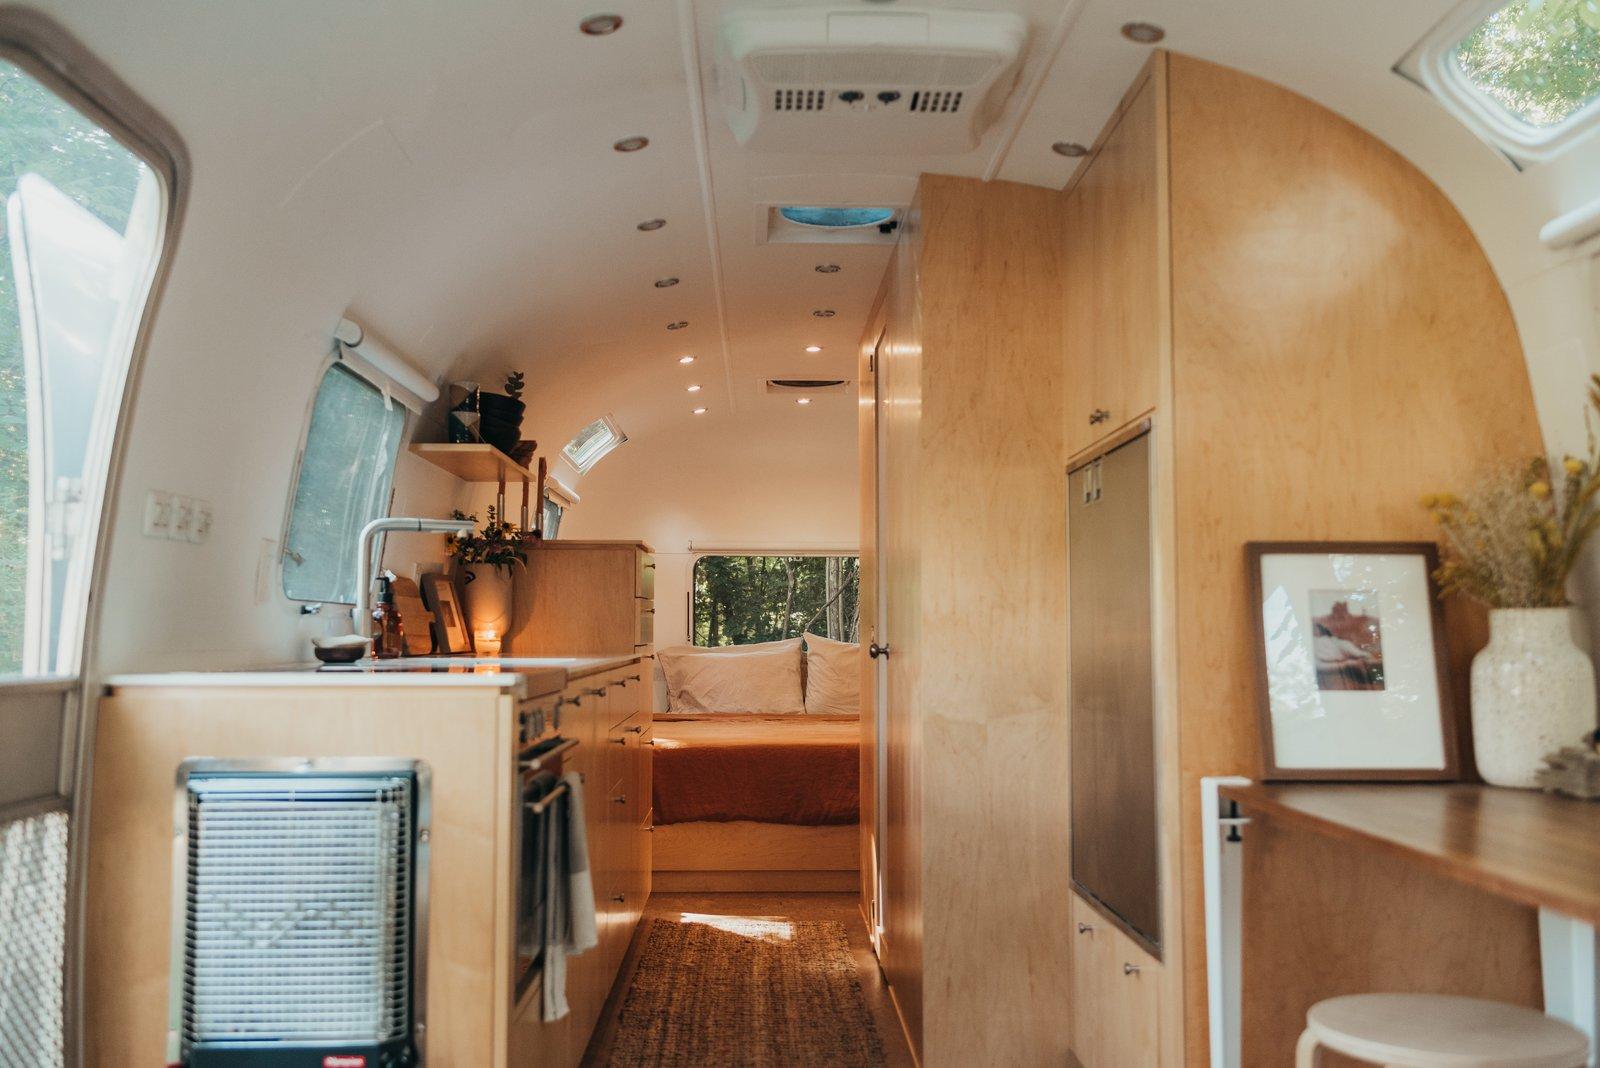 1973 Airstream Remodel interior